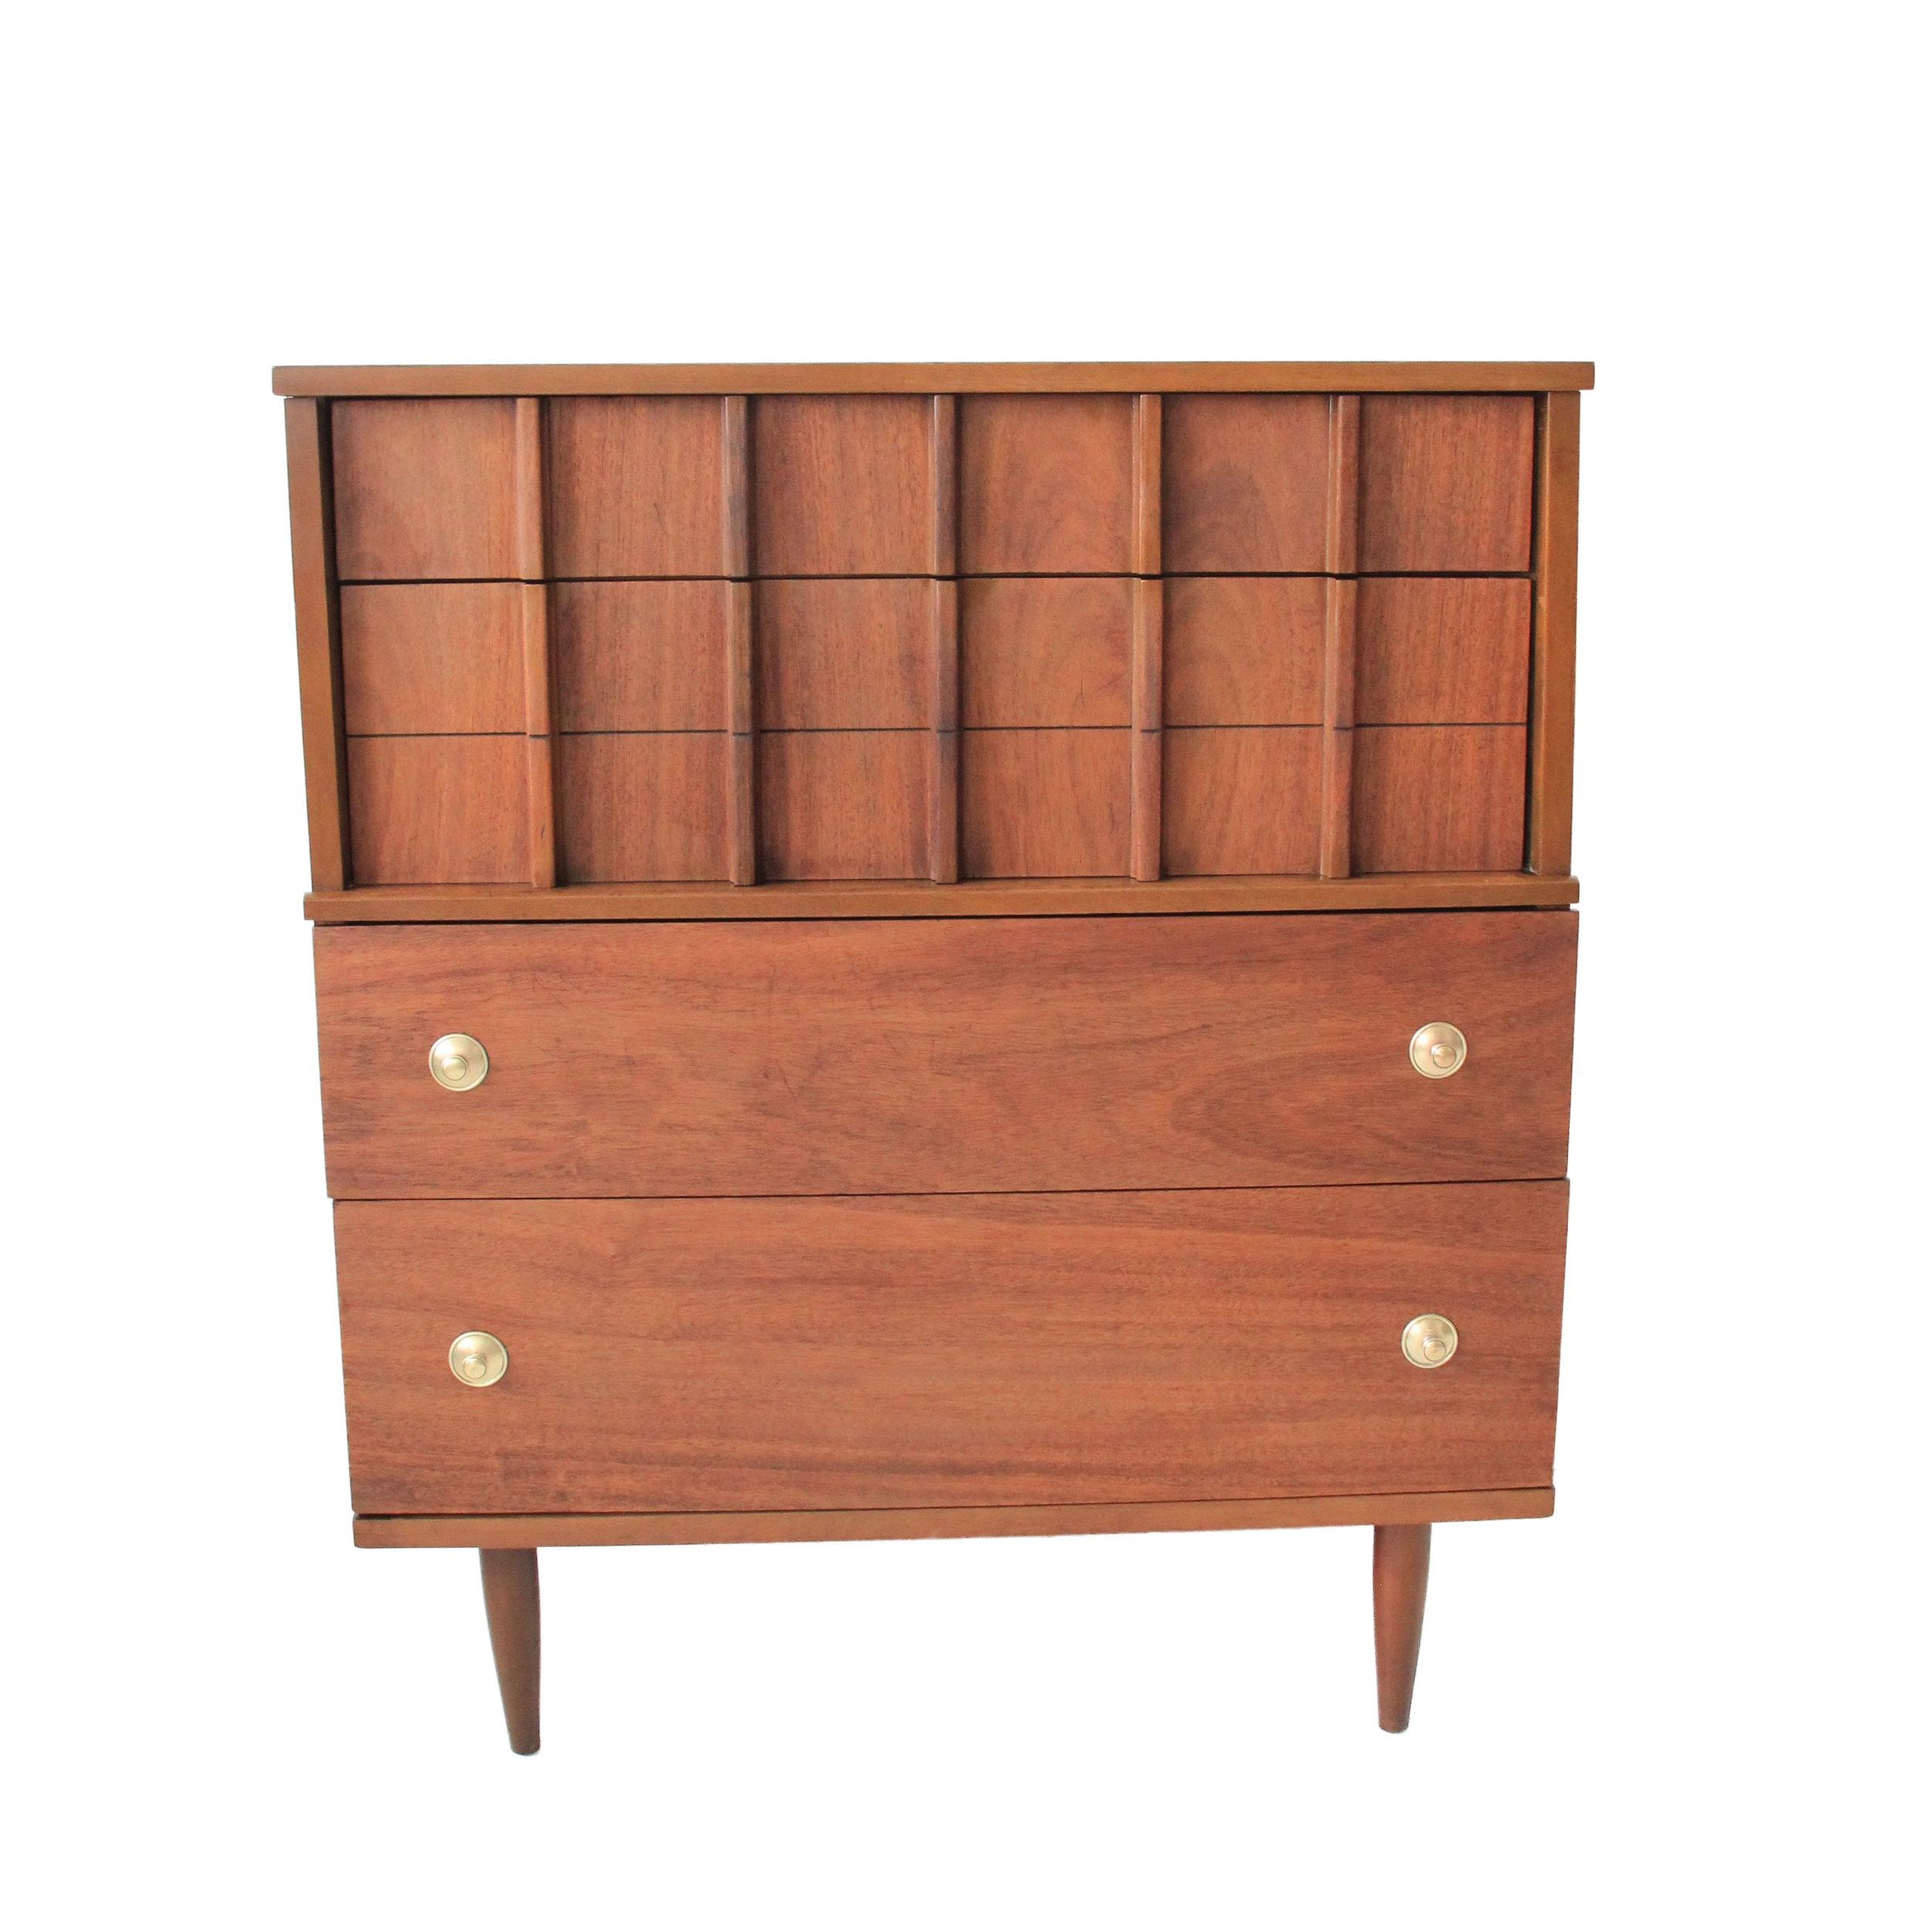 Vintage Mid Century Modern Highboy Dresser with Brass Hardware